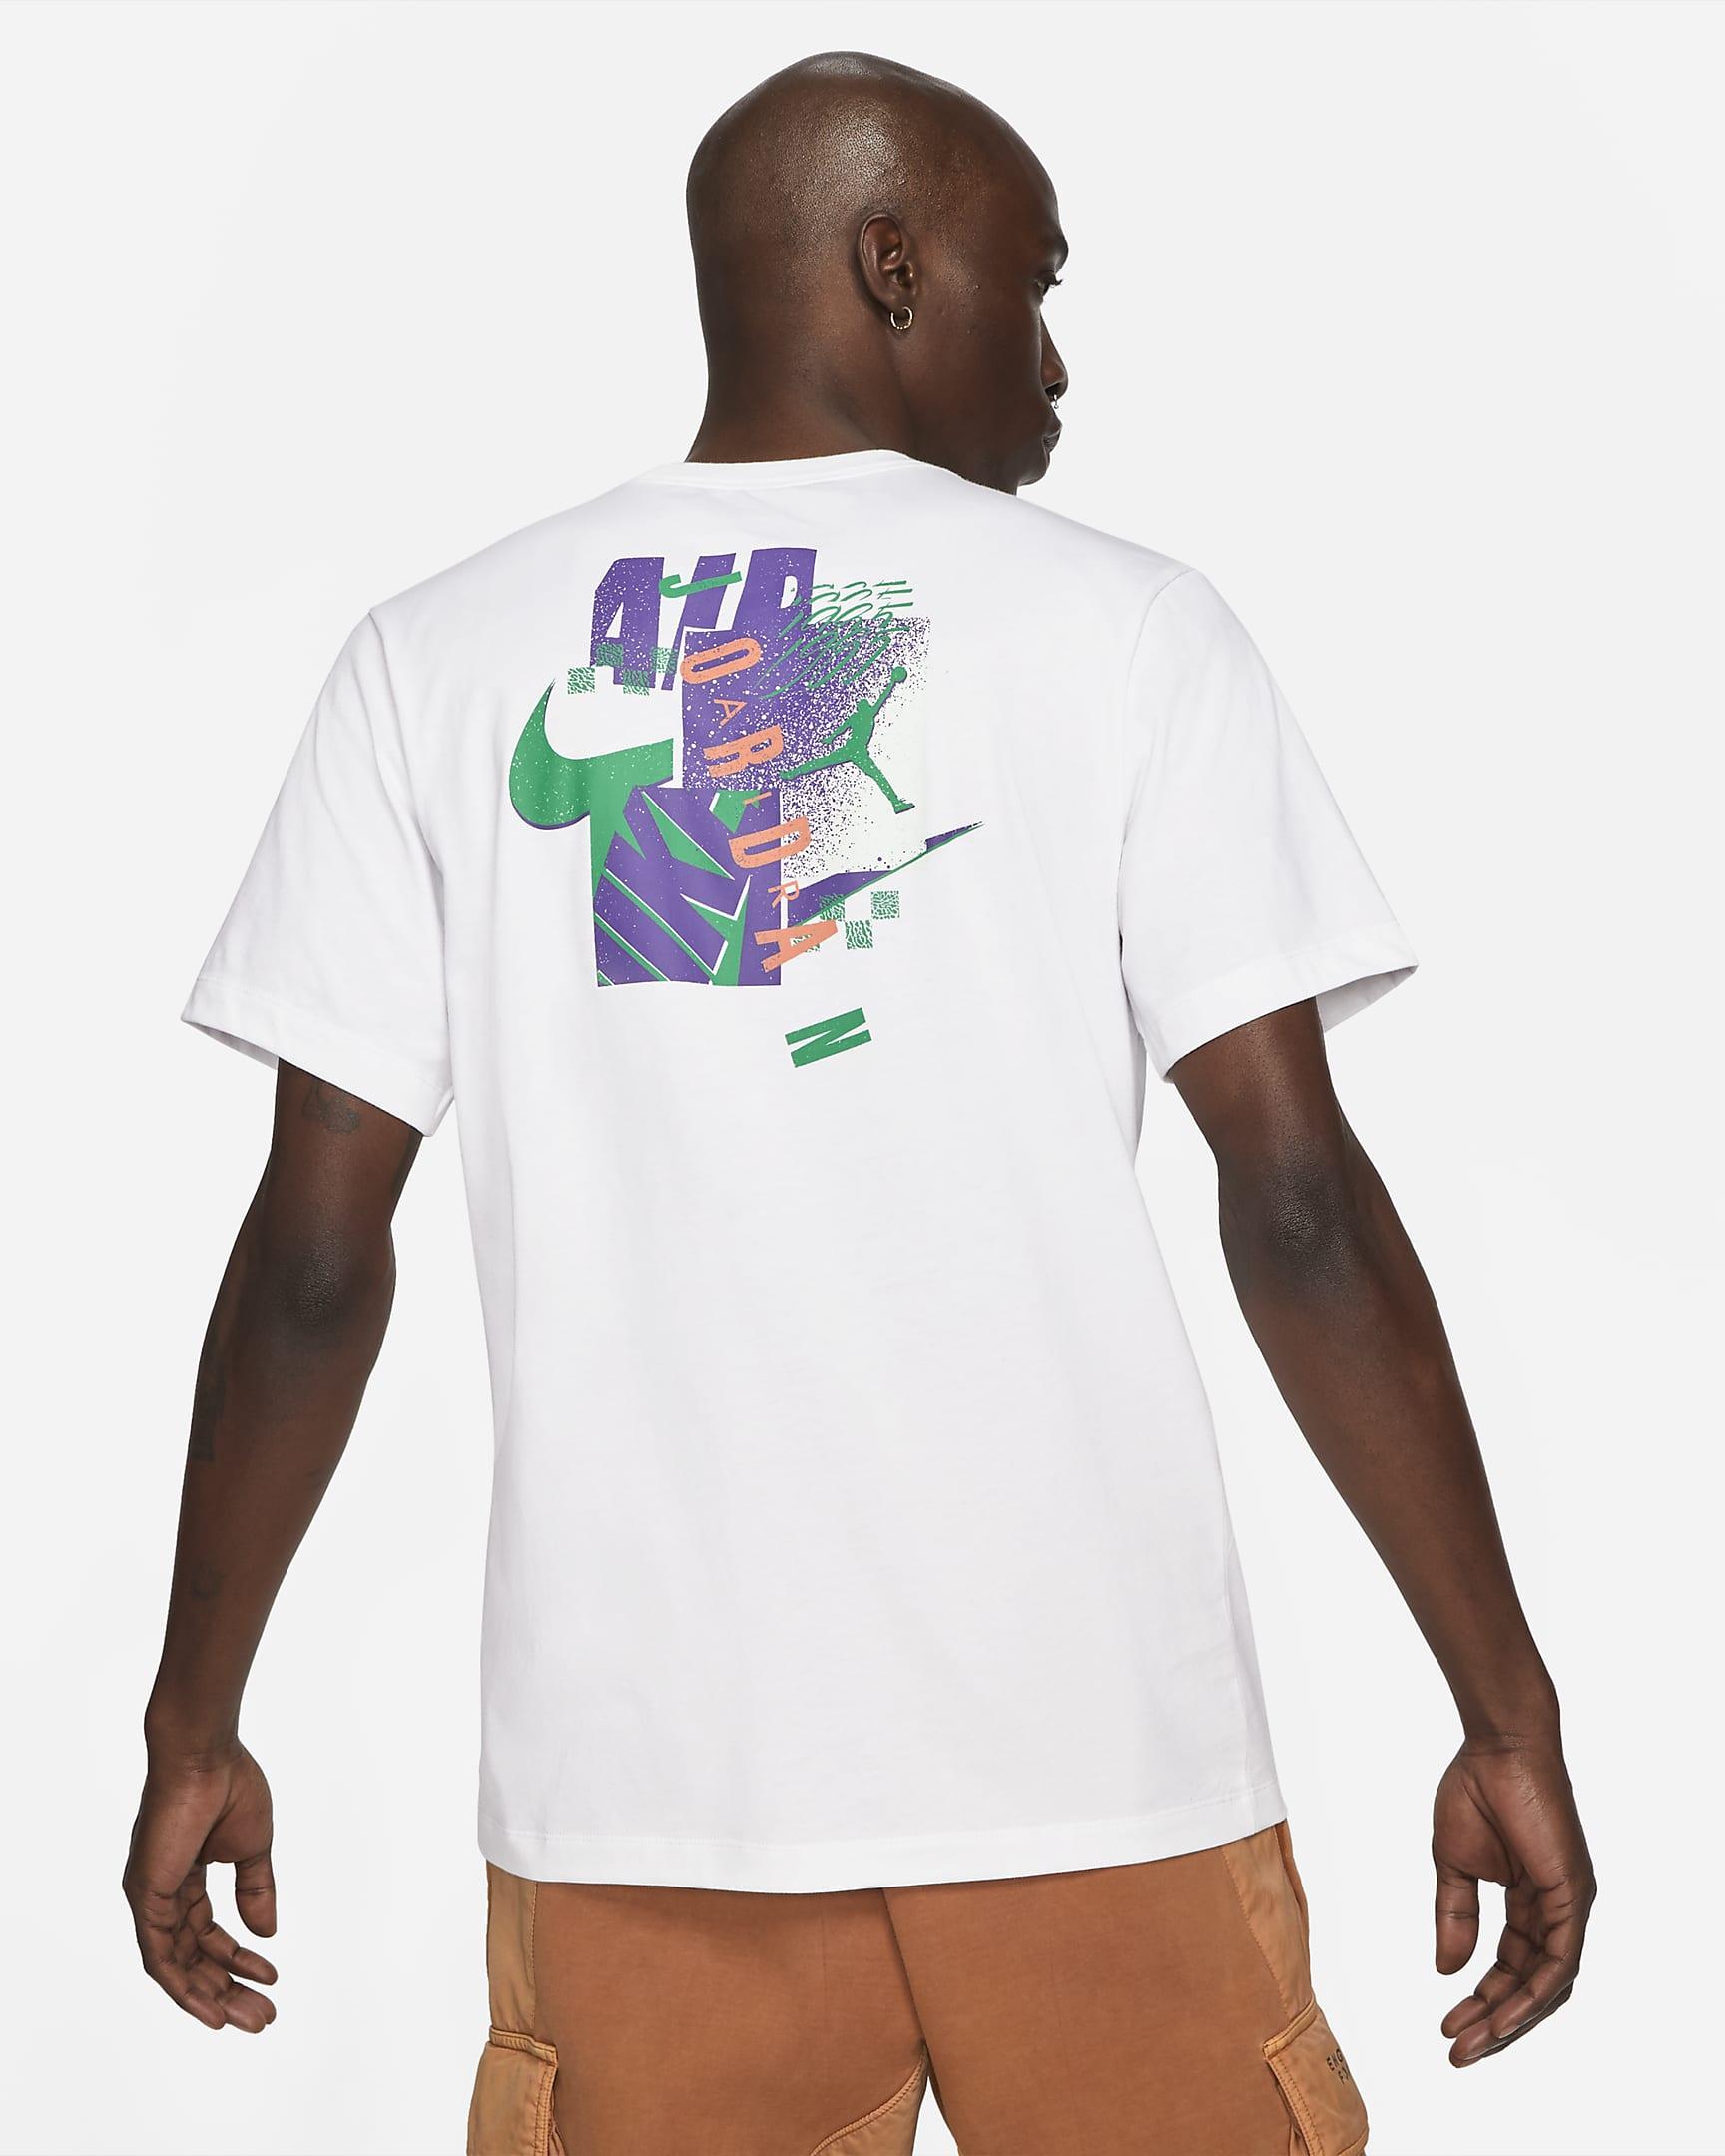 jordan-air-futura-mens-short-sleeve-t-shirt-5LkrBk-1.png